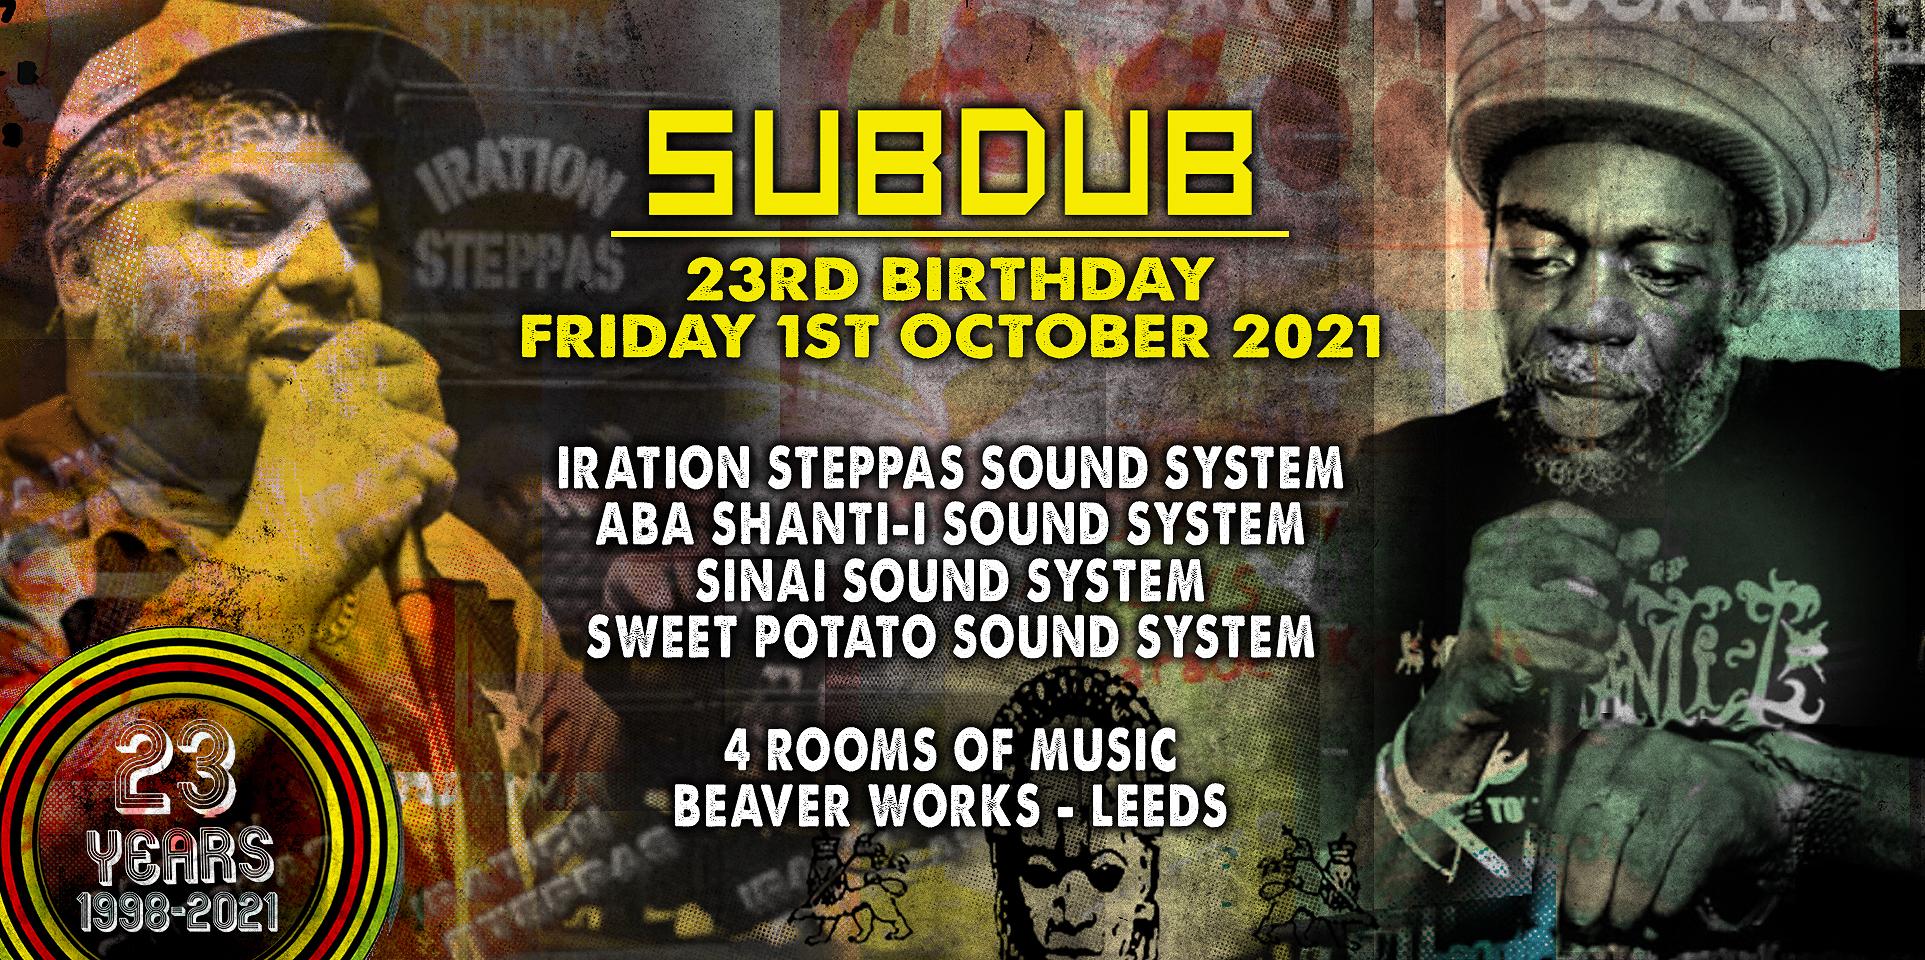 Subdub - 23rd Birthday